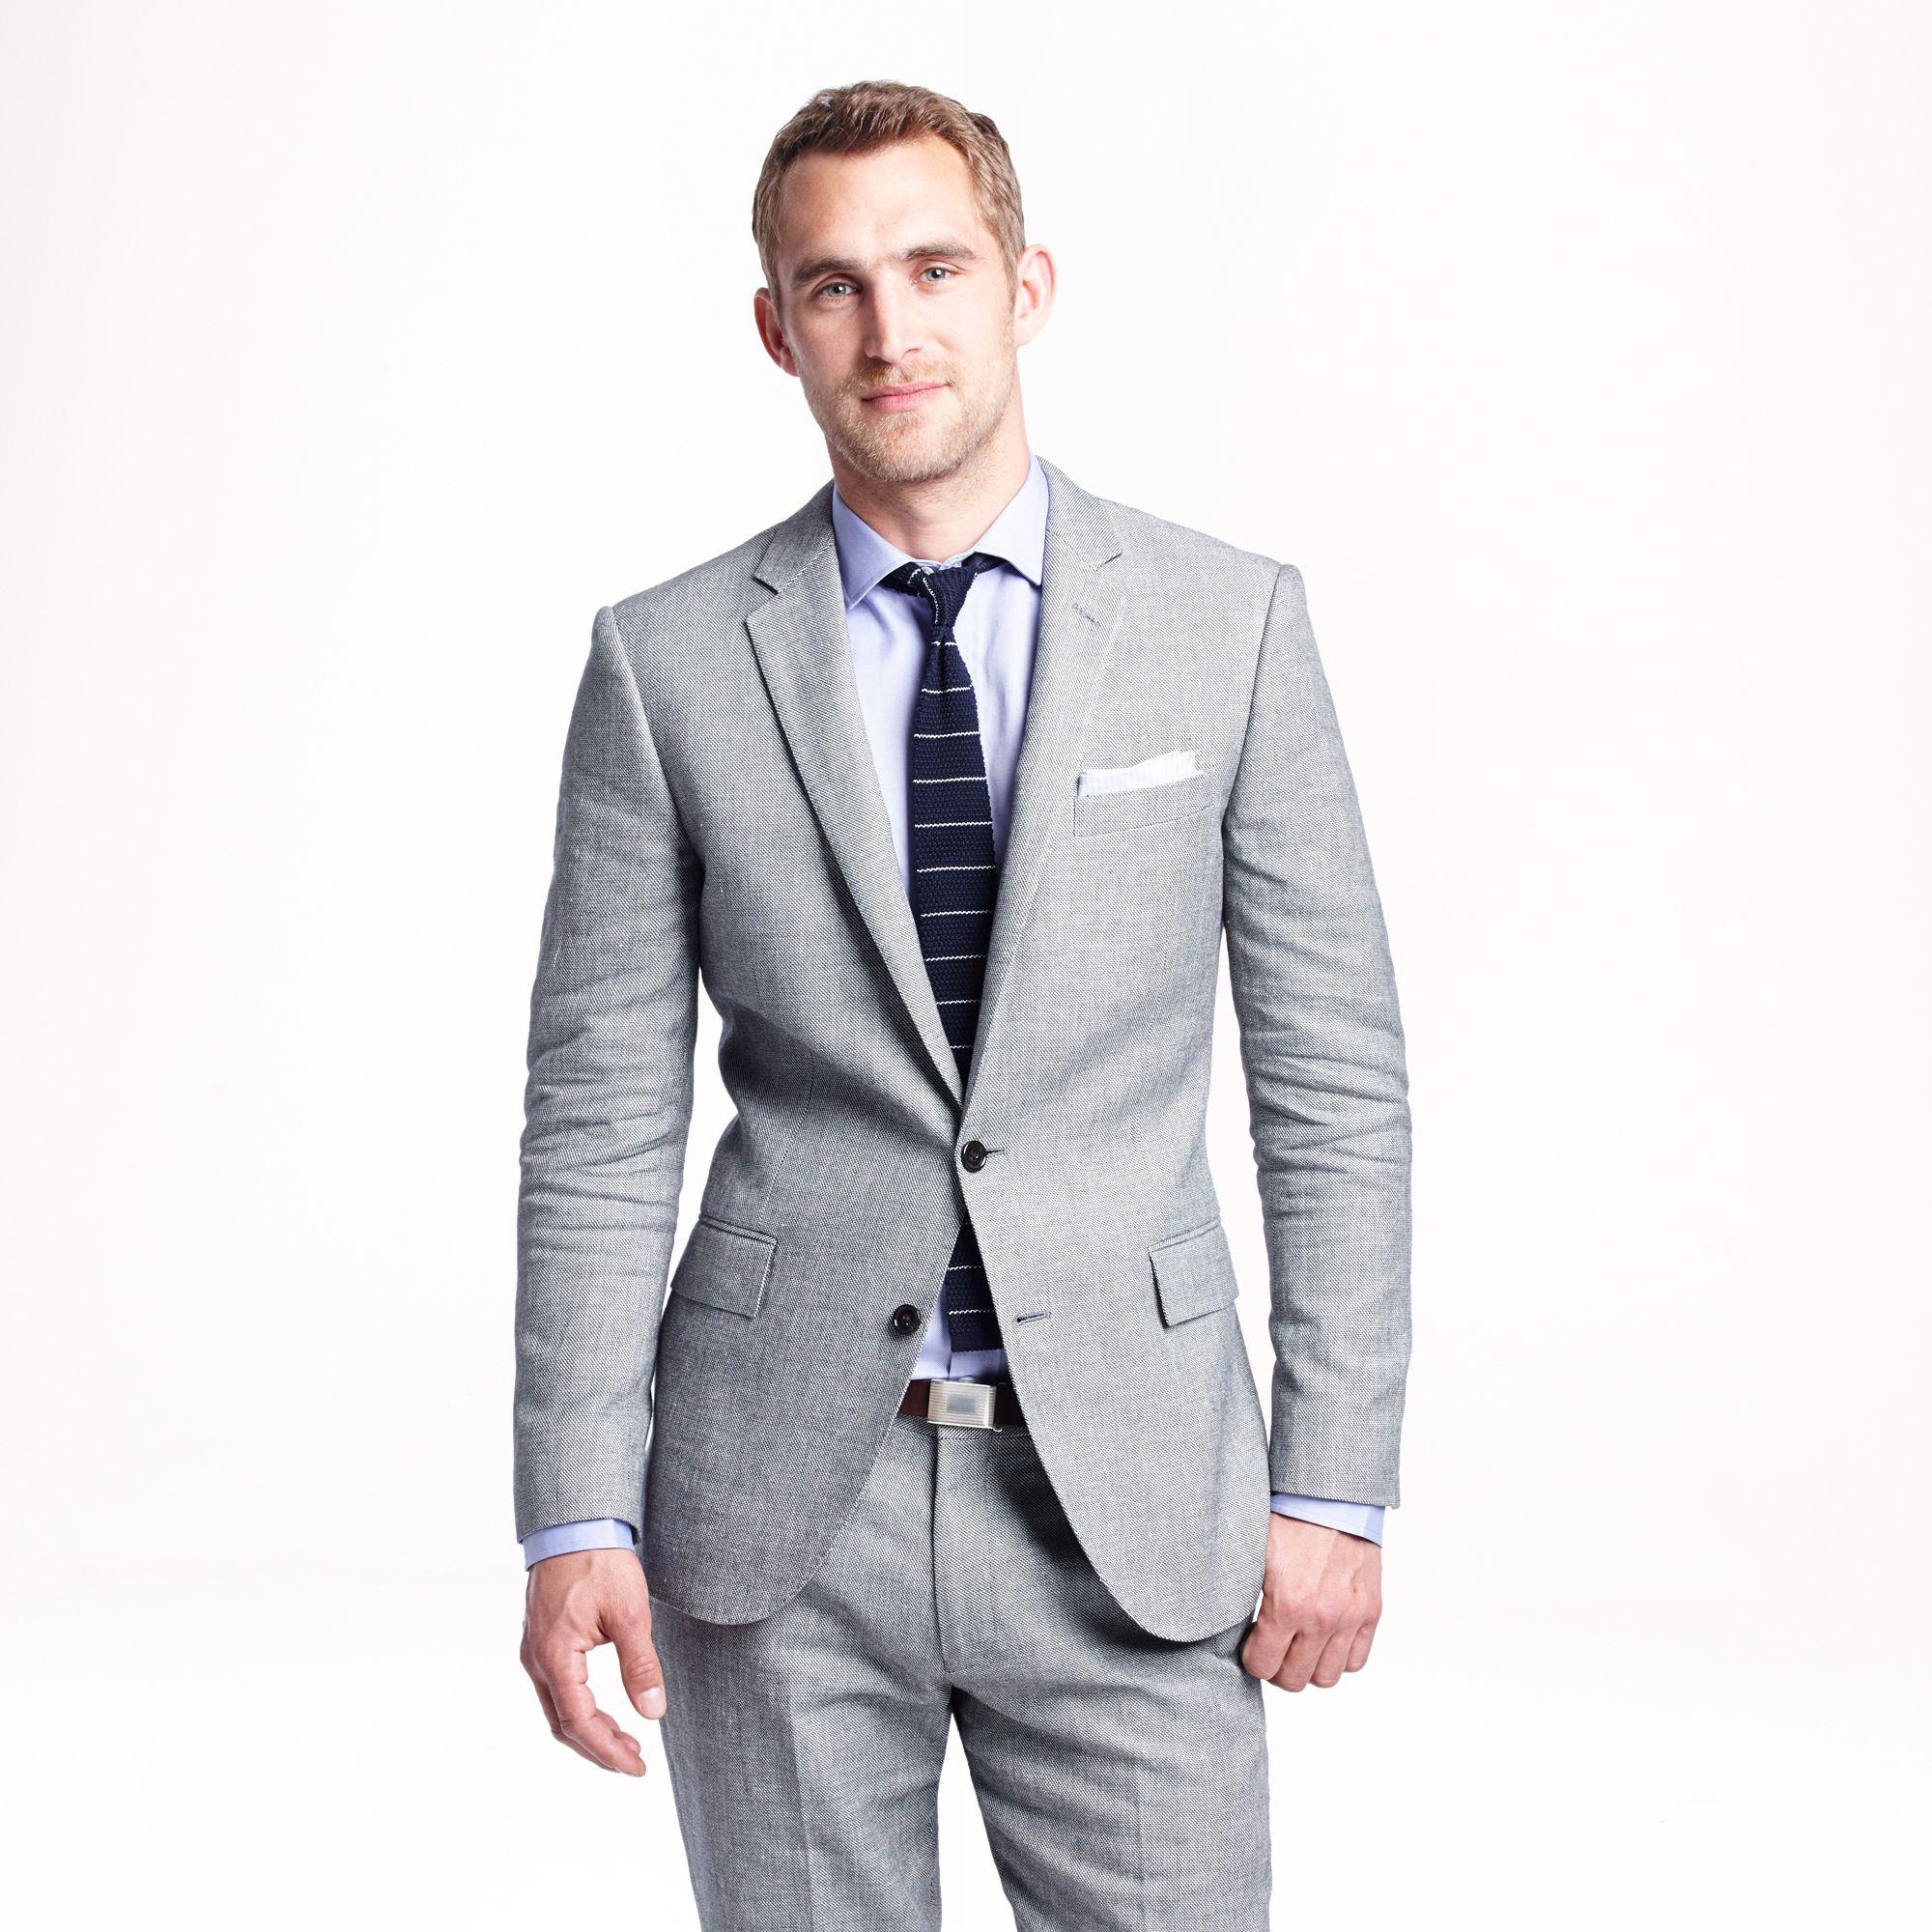 J Crew Ludlow Suit Jacket In Italian Linen Cotton In Gray